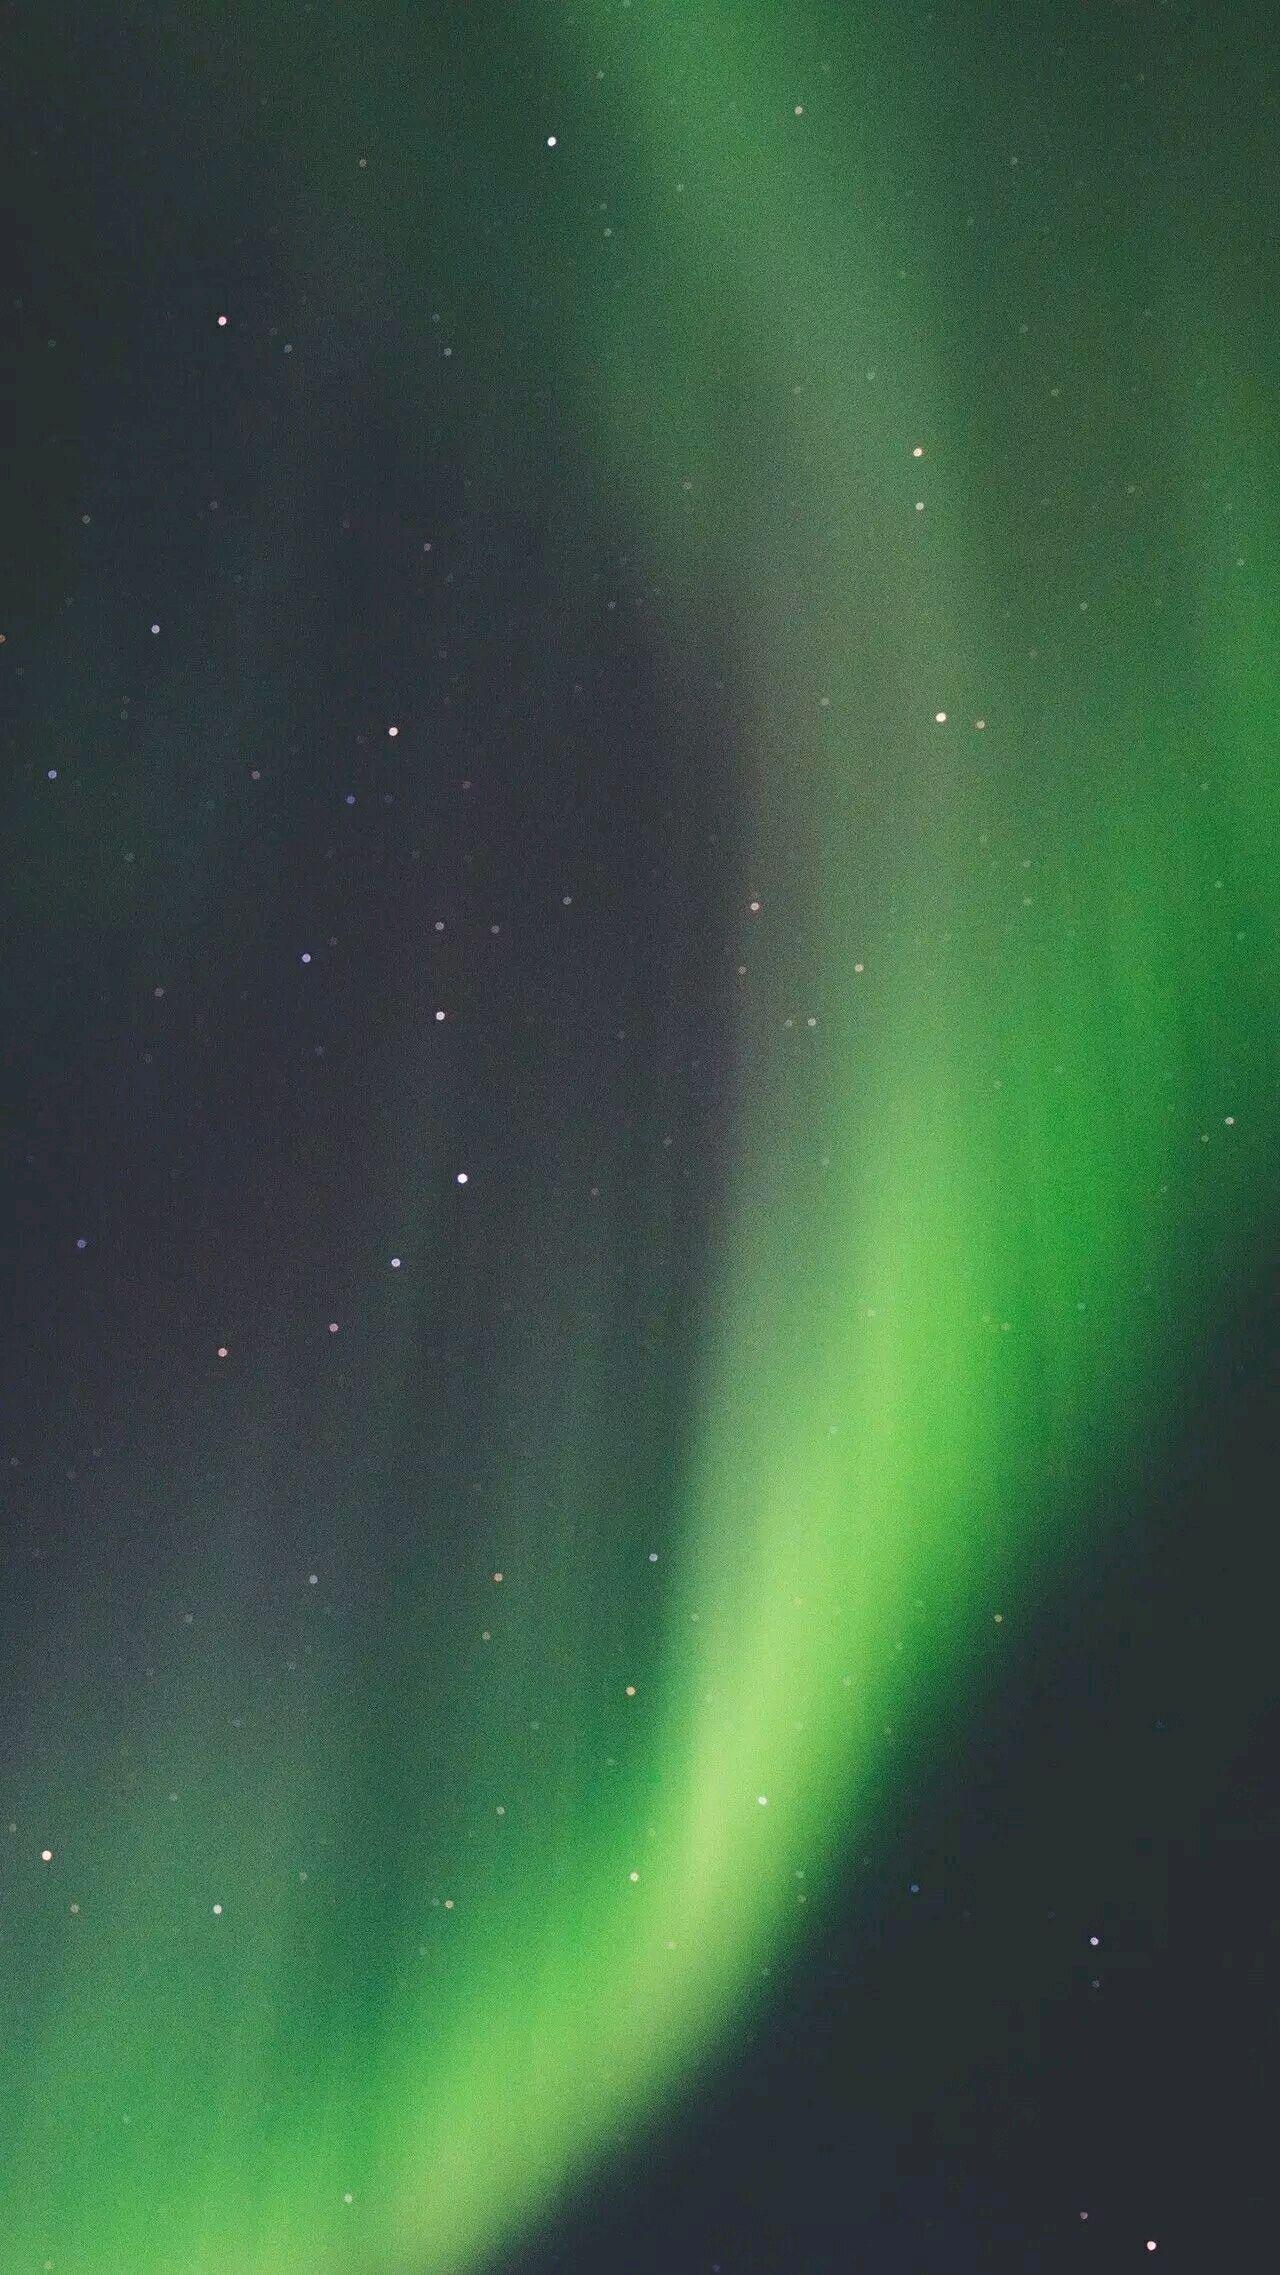 相比美国,加拿大,冰岛,芬兰等国家,俄罗斯极光之旅最大的优势之一是